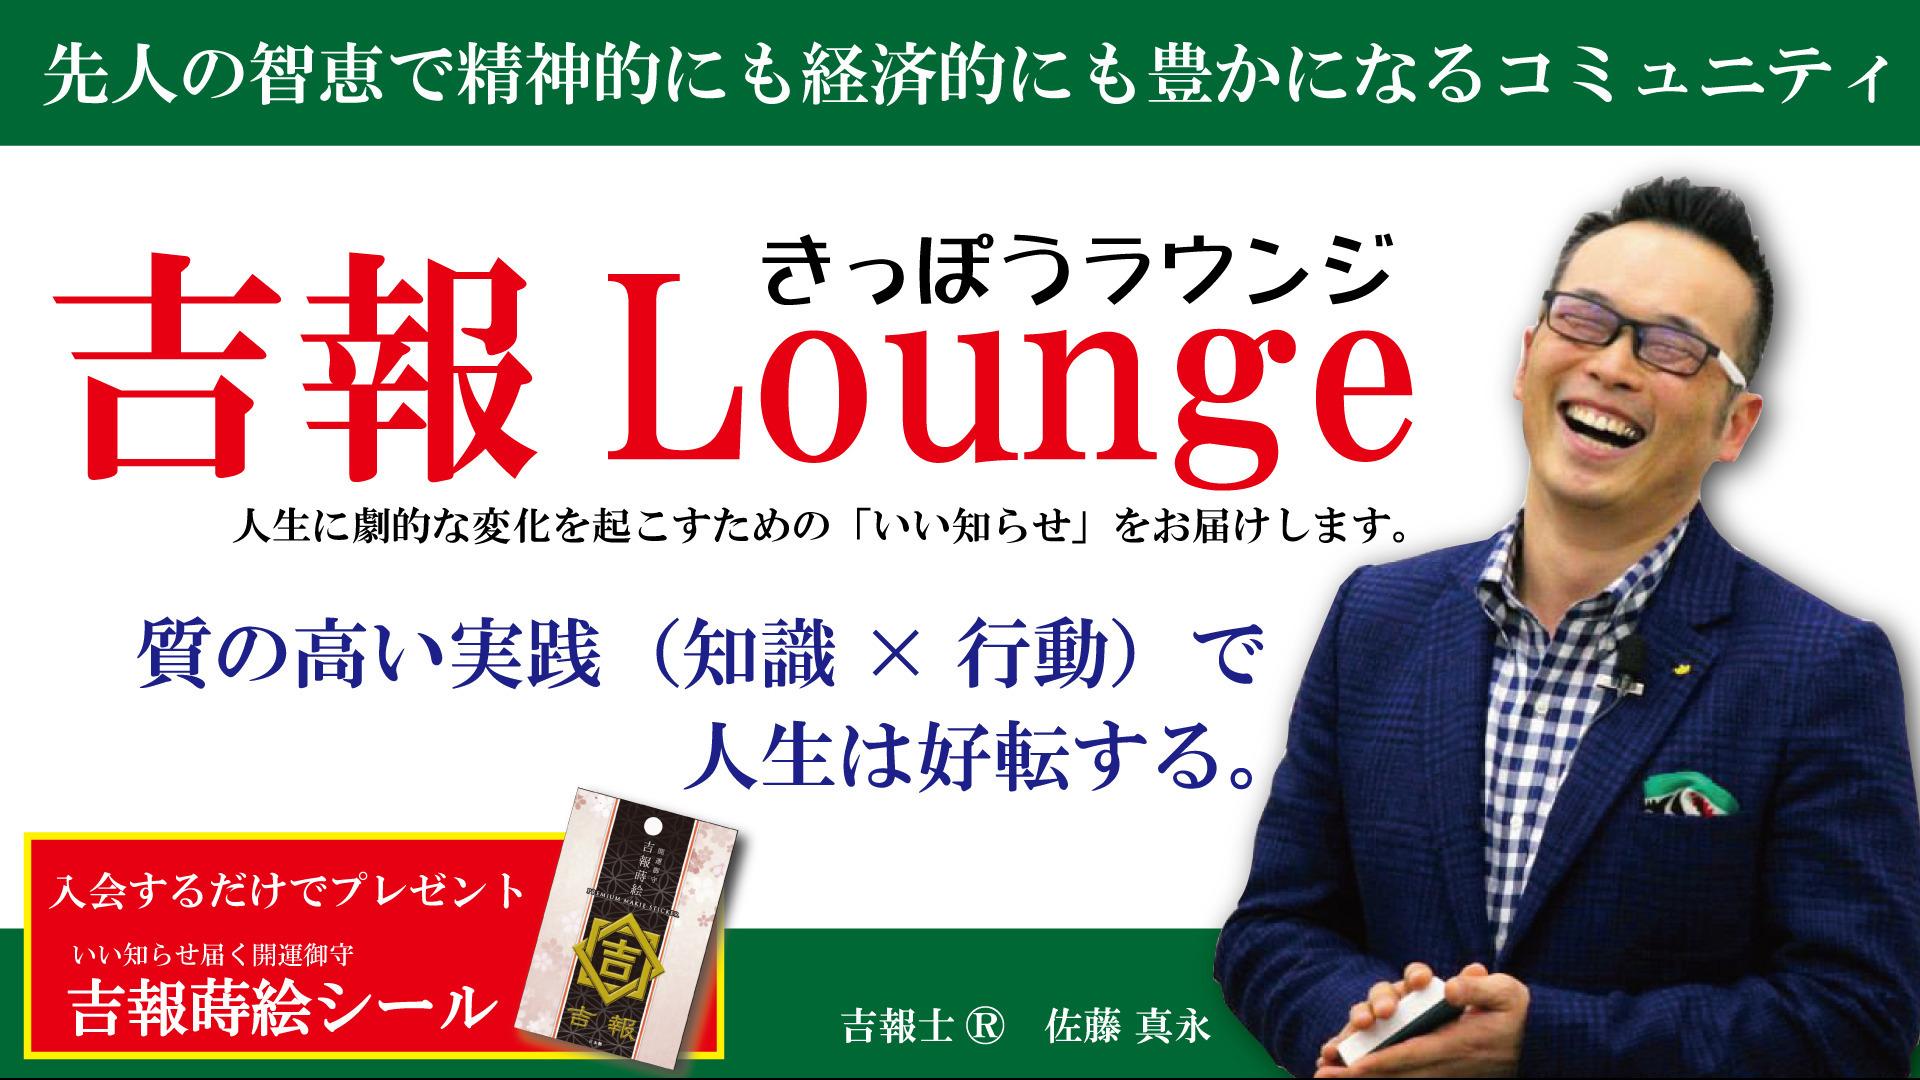 吉報Lounge 〜質の高い実践で人生は好転する〜